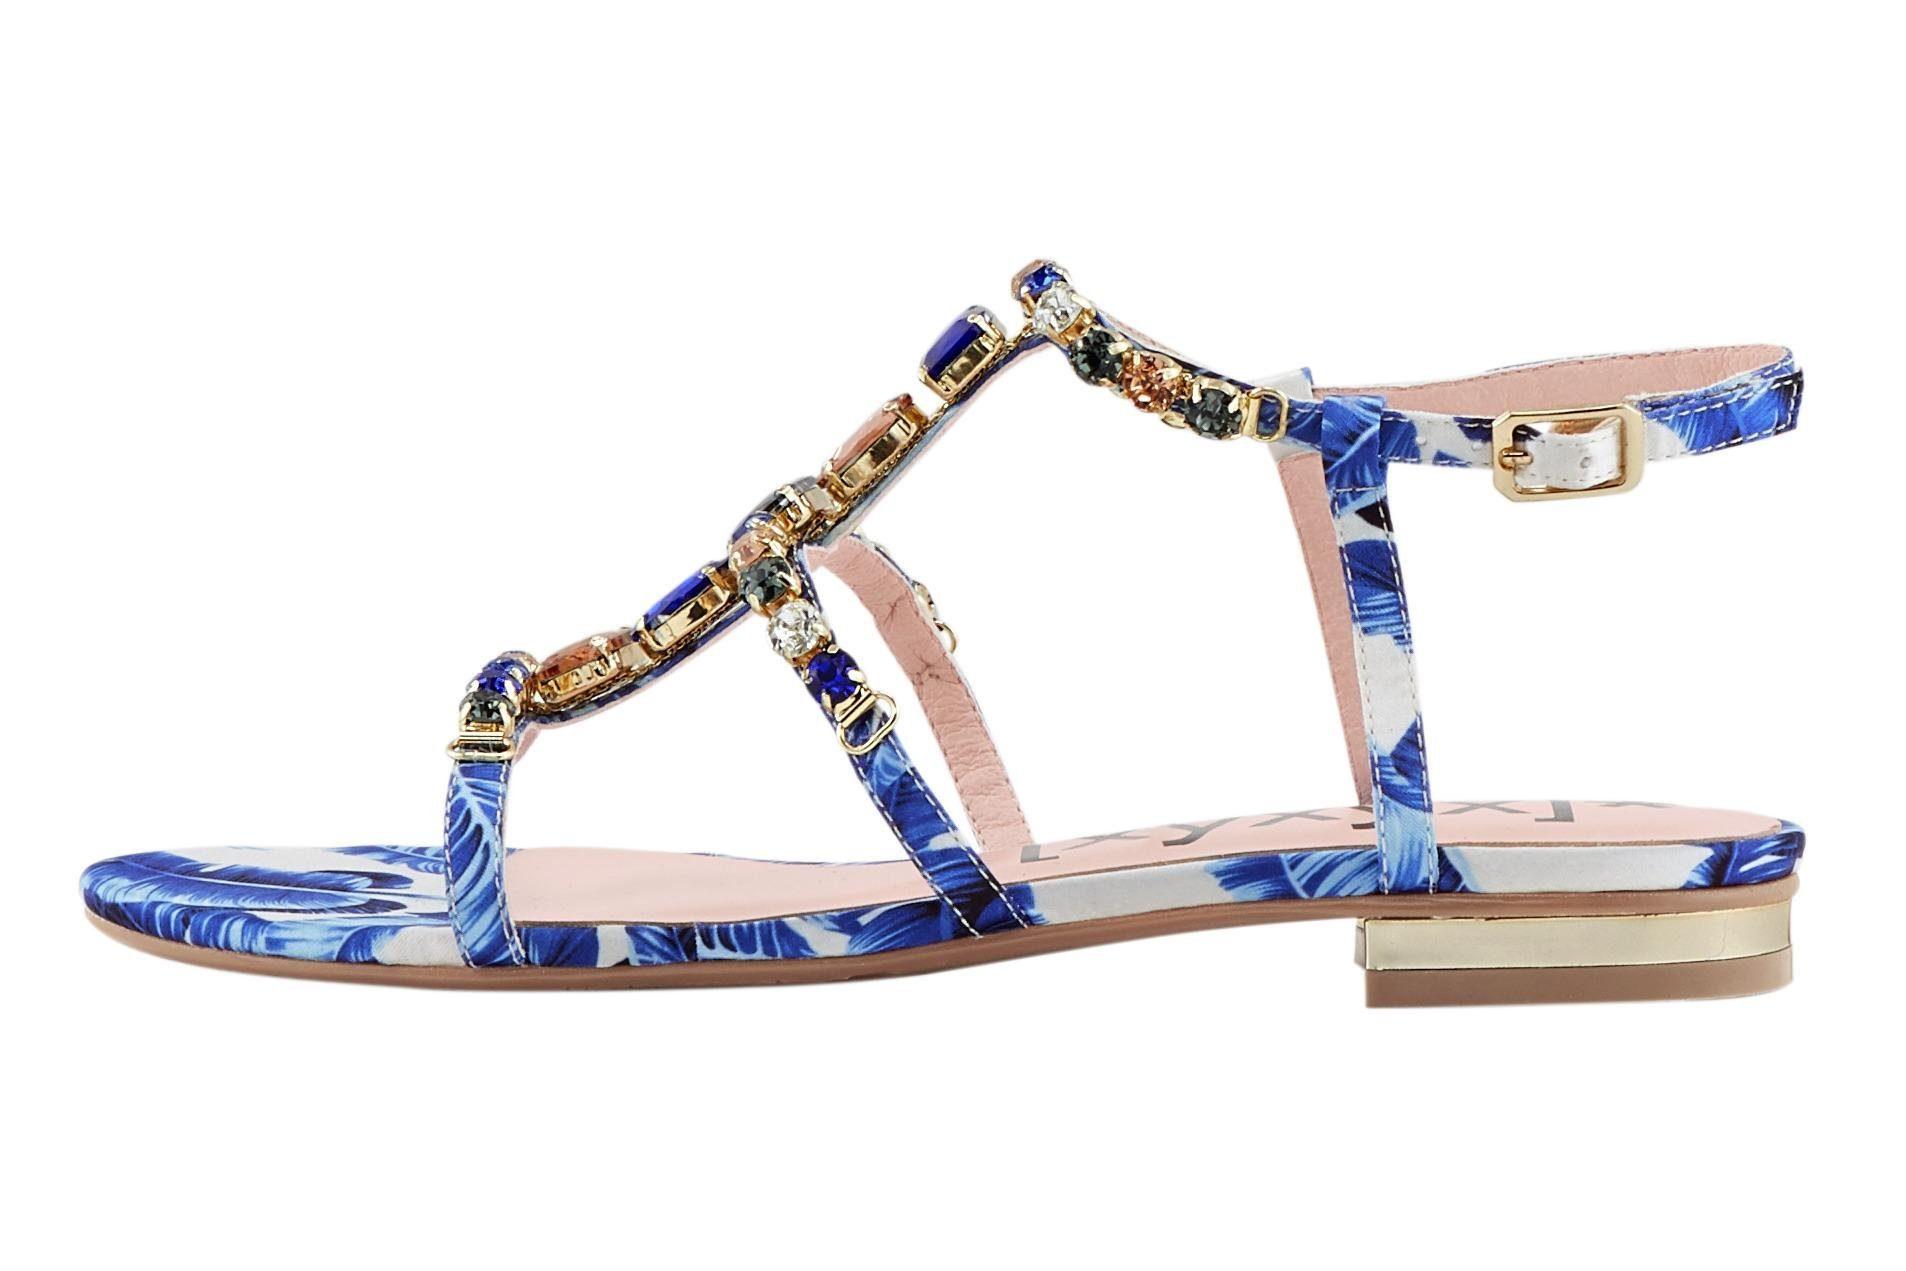 Kaufen Xyxyx Schmucksteinen Miit Online Sandalette lJcTFK1